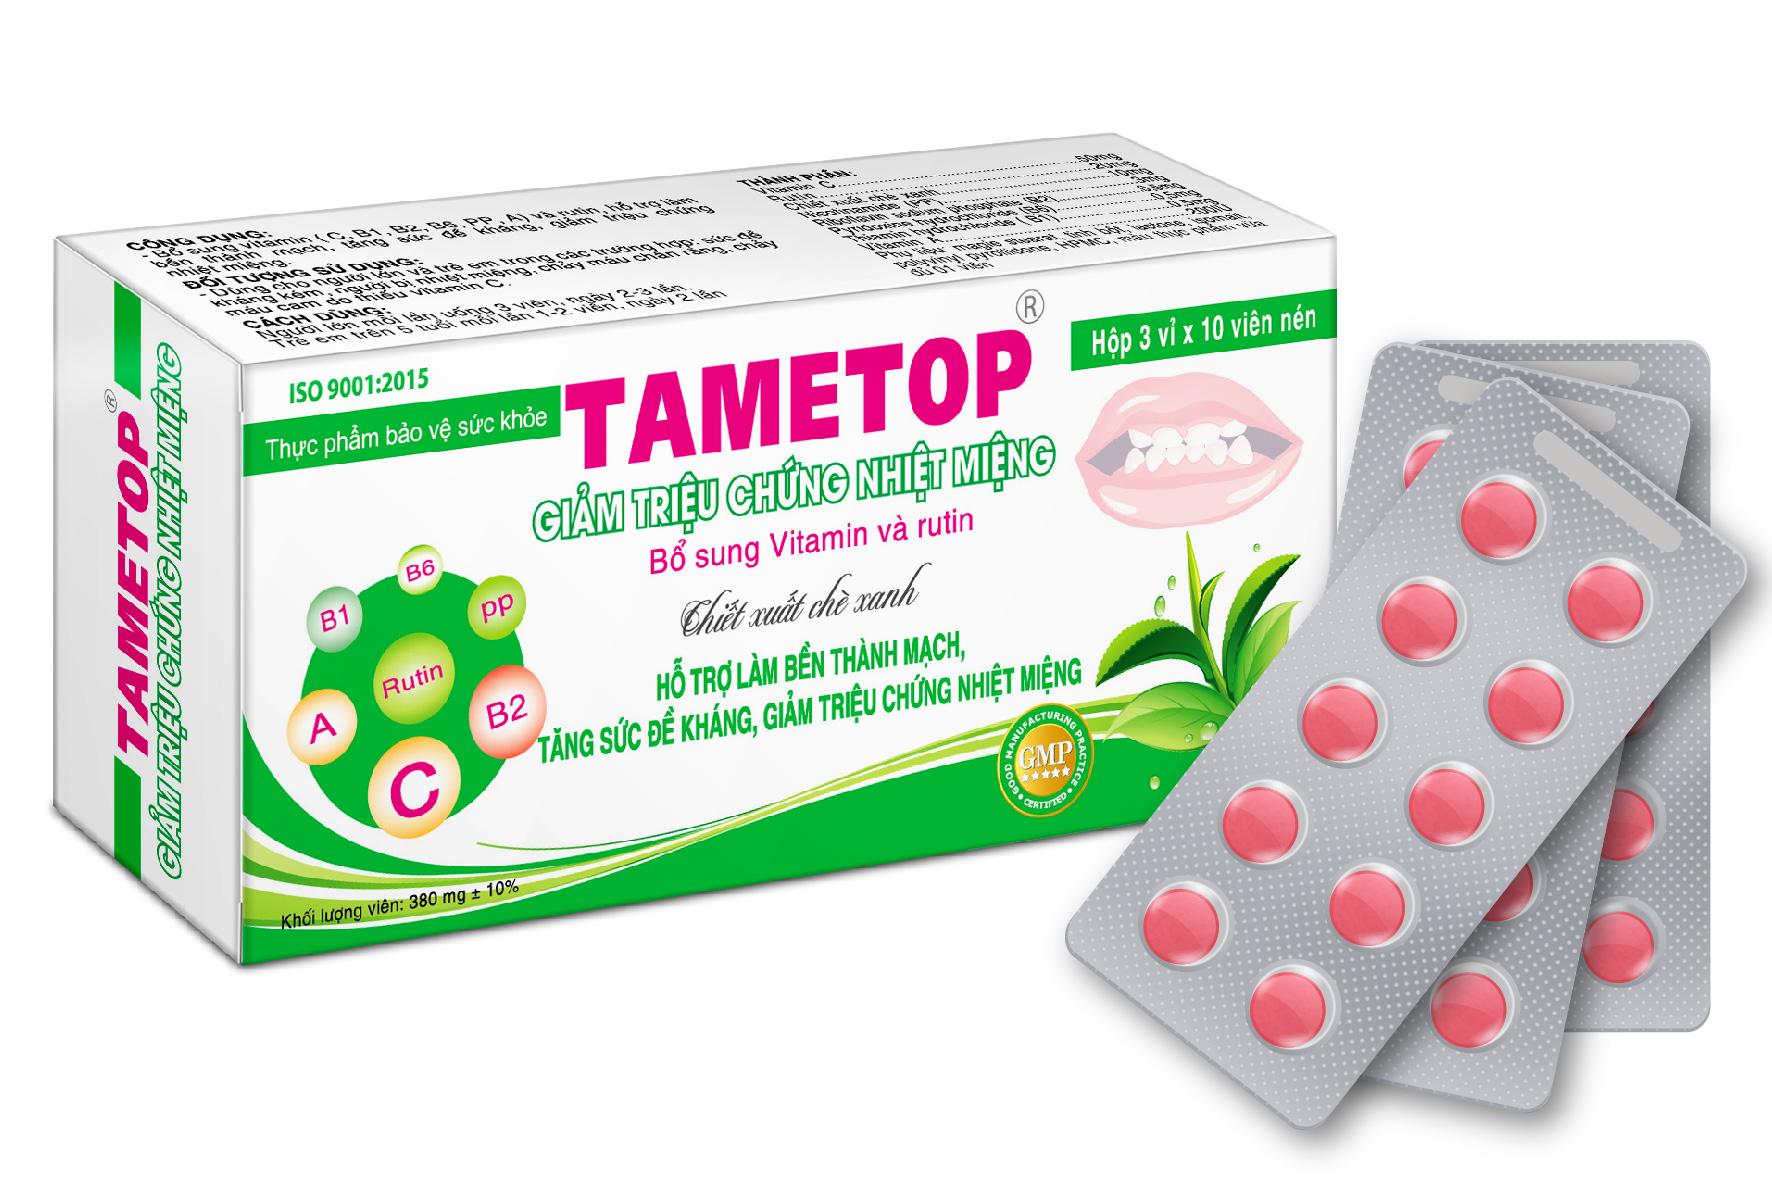 Nhiệt miệng Tametop dạng viên